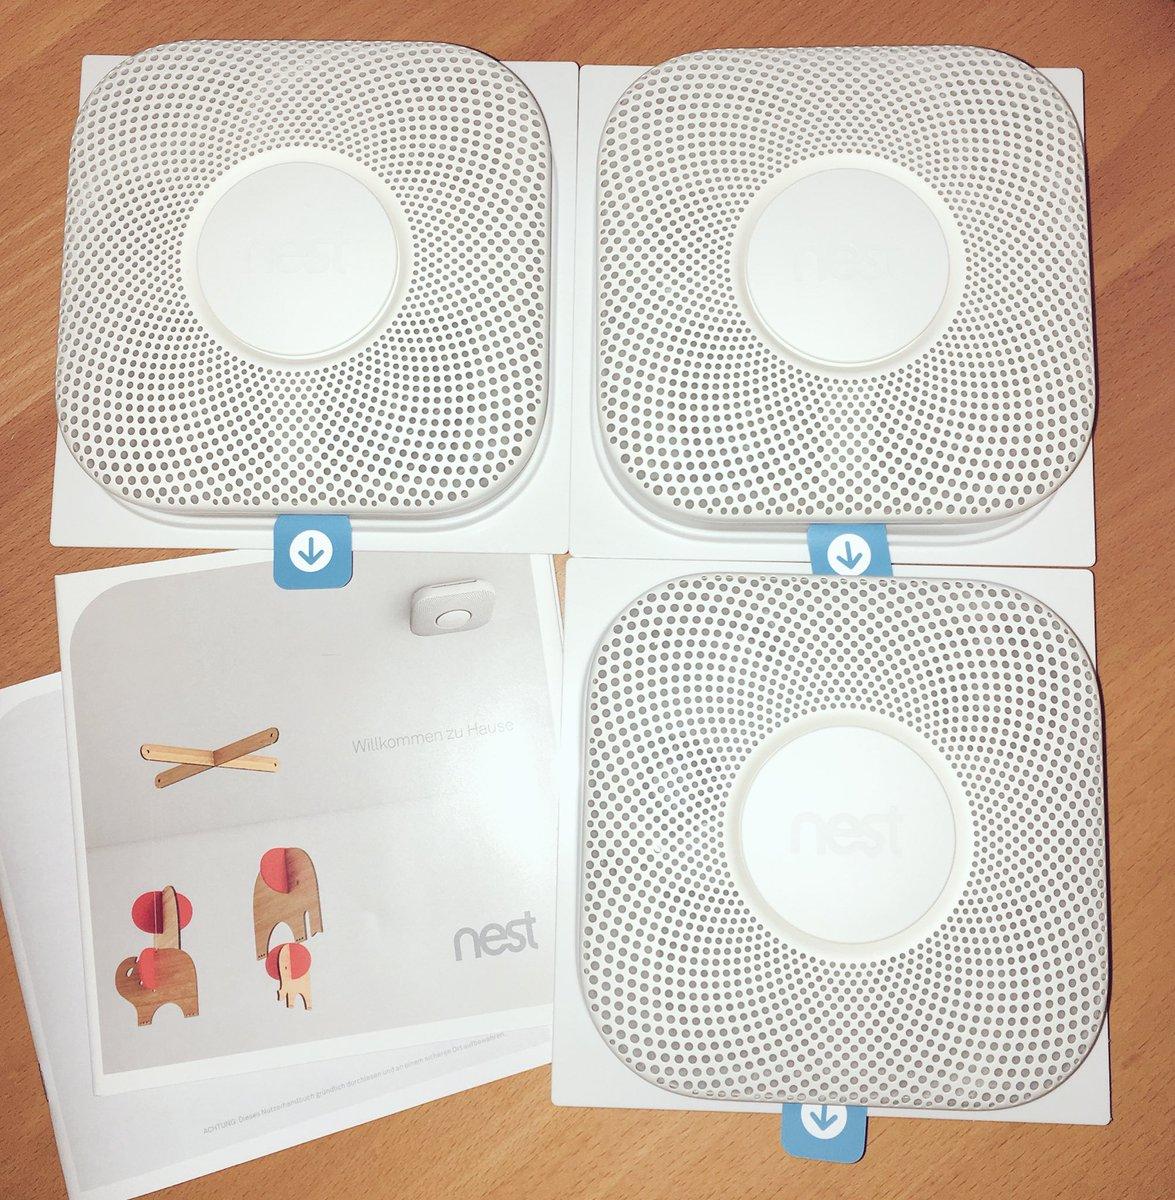 nest rauchmelder in deutschland verf gbar drei neue installiert jens ihnow 39 s blog. Black Bedroom Furniture Sets. Home Design Ideas